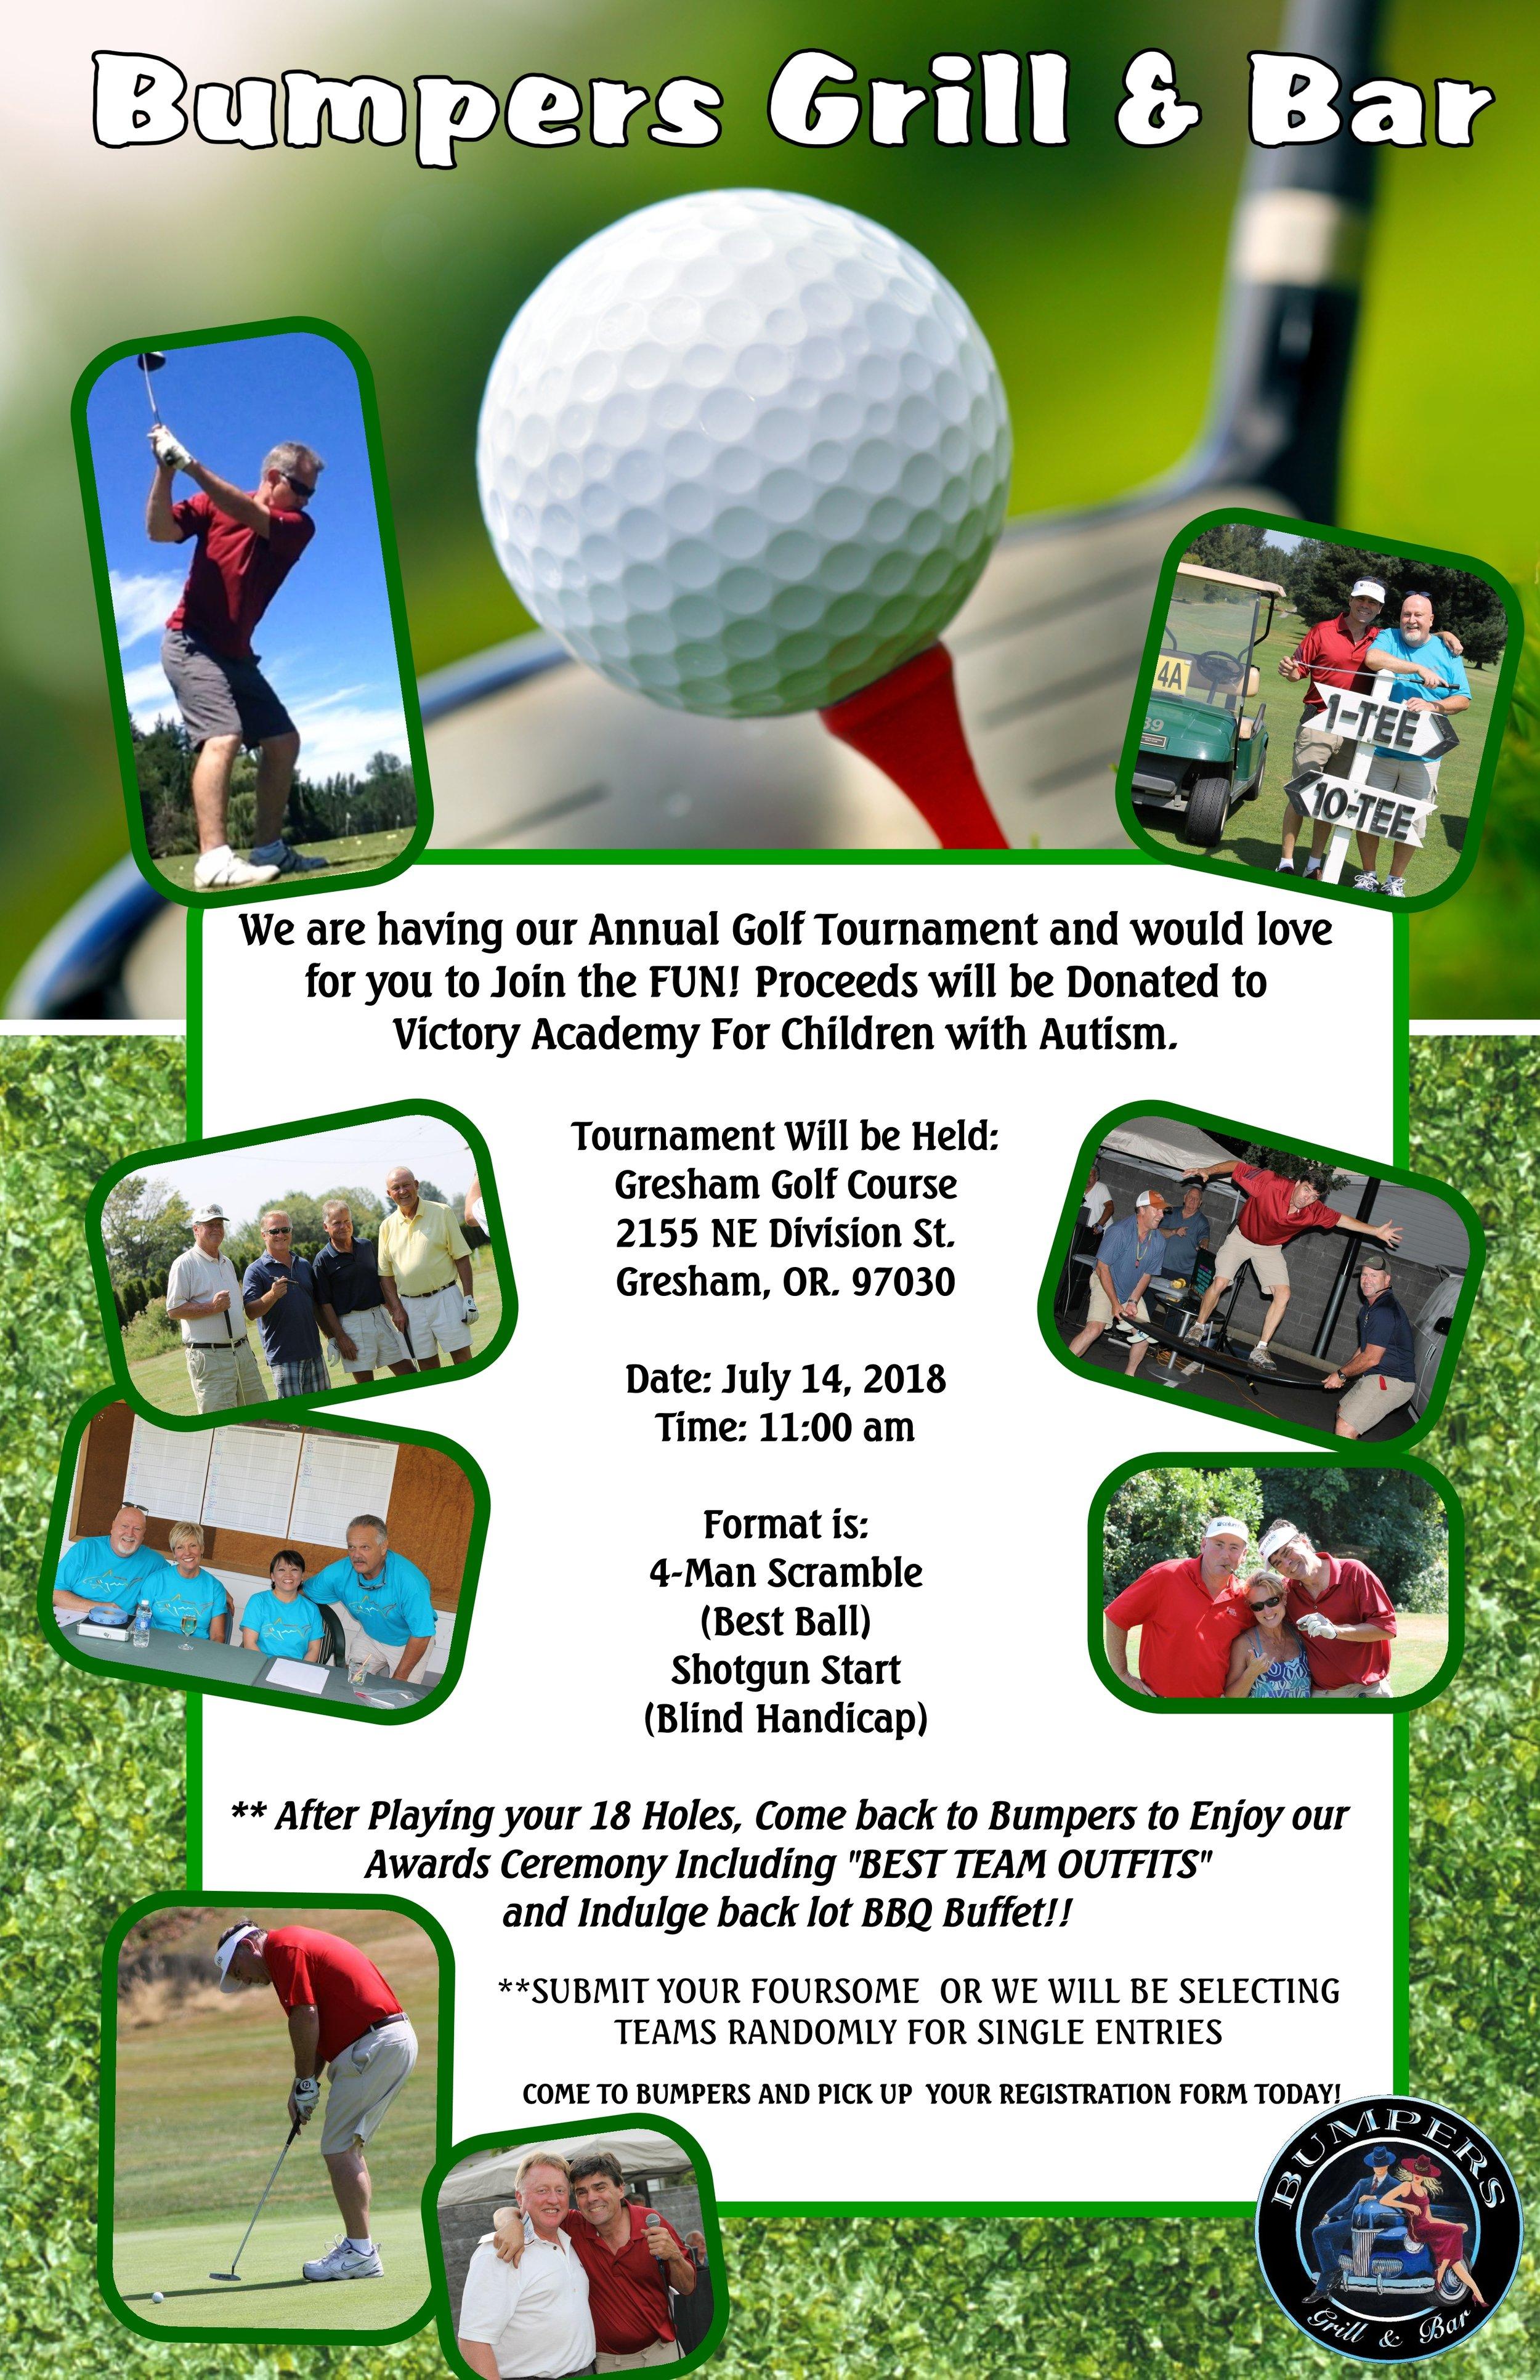 Bumpers-Golf-Tournament-2018-001.jpg